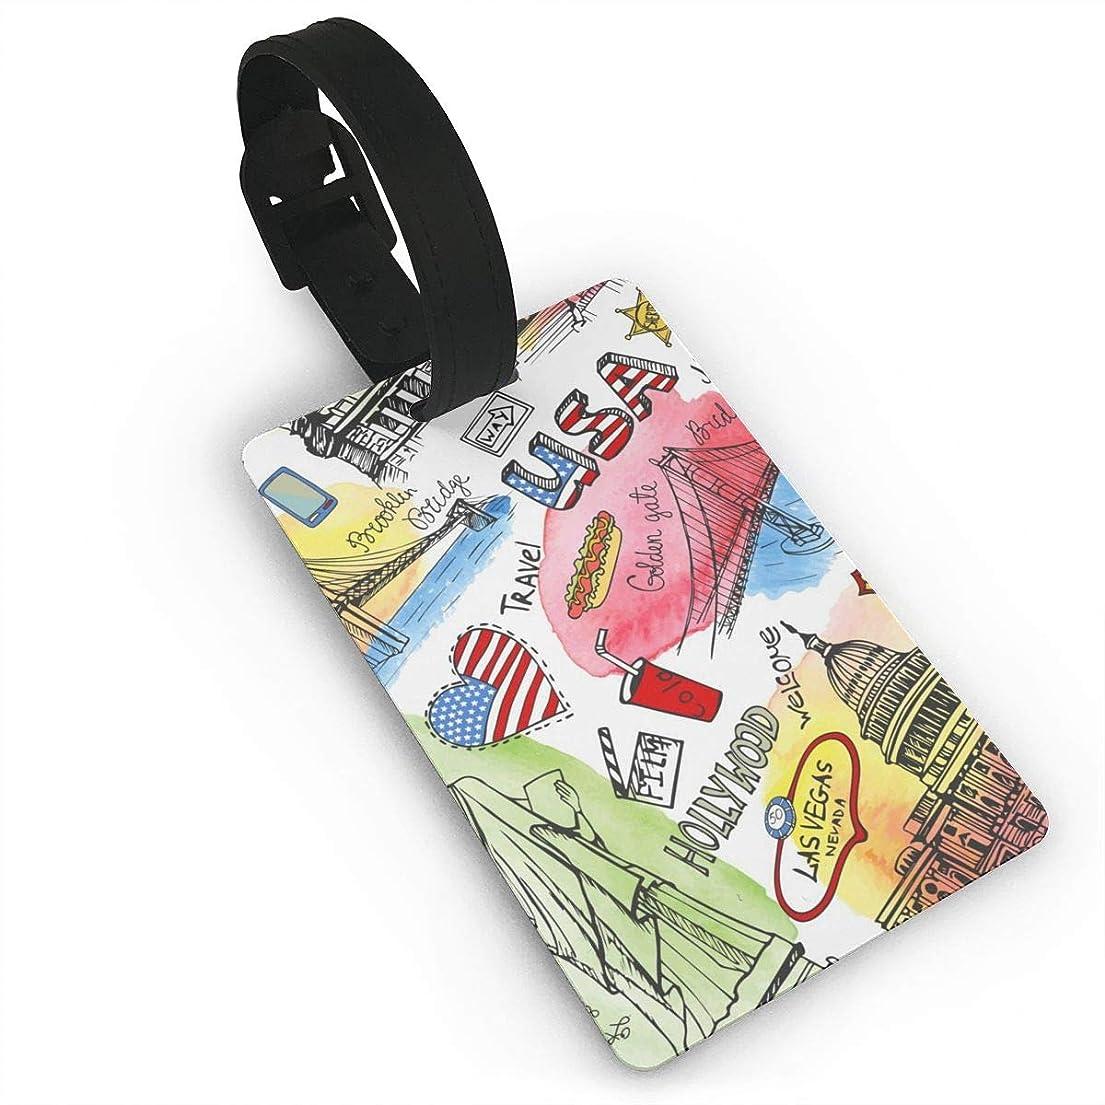 ミスぺディカブコスト荷物タグ スーツケース ネームタグ 紛失防止 スーツケースタグ 出張 旅行用 ネームホルダー 番号札 - カラフル